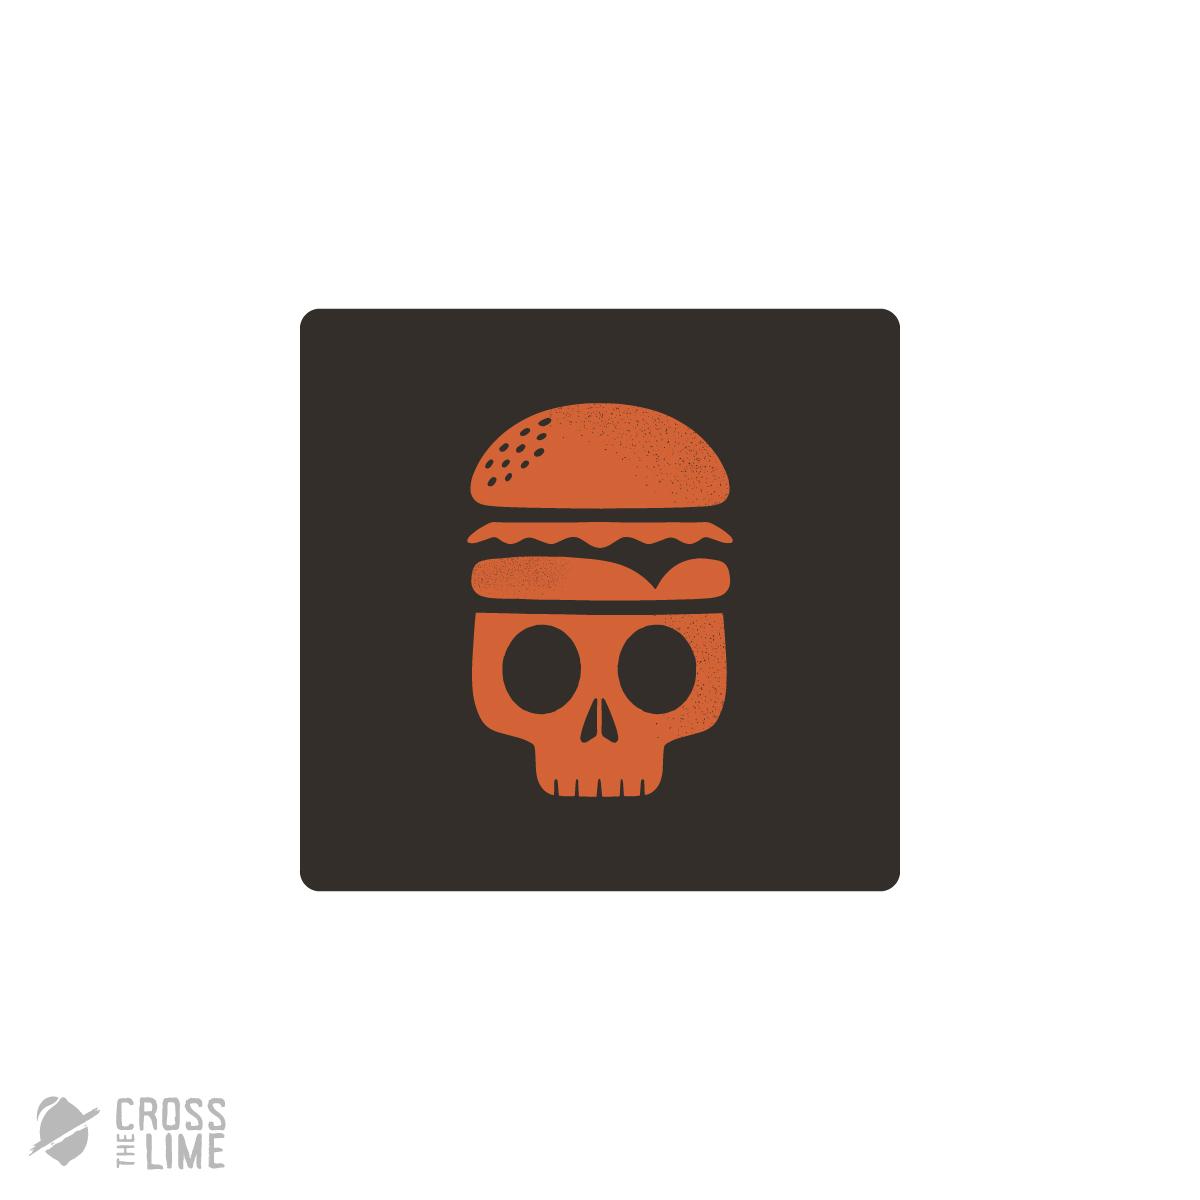 Skull burger logo